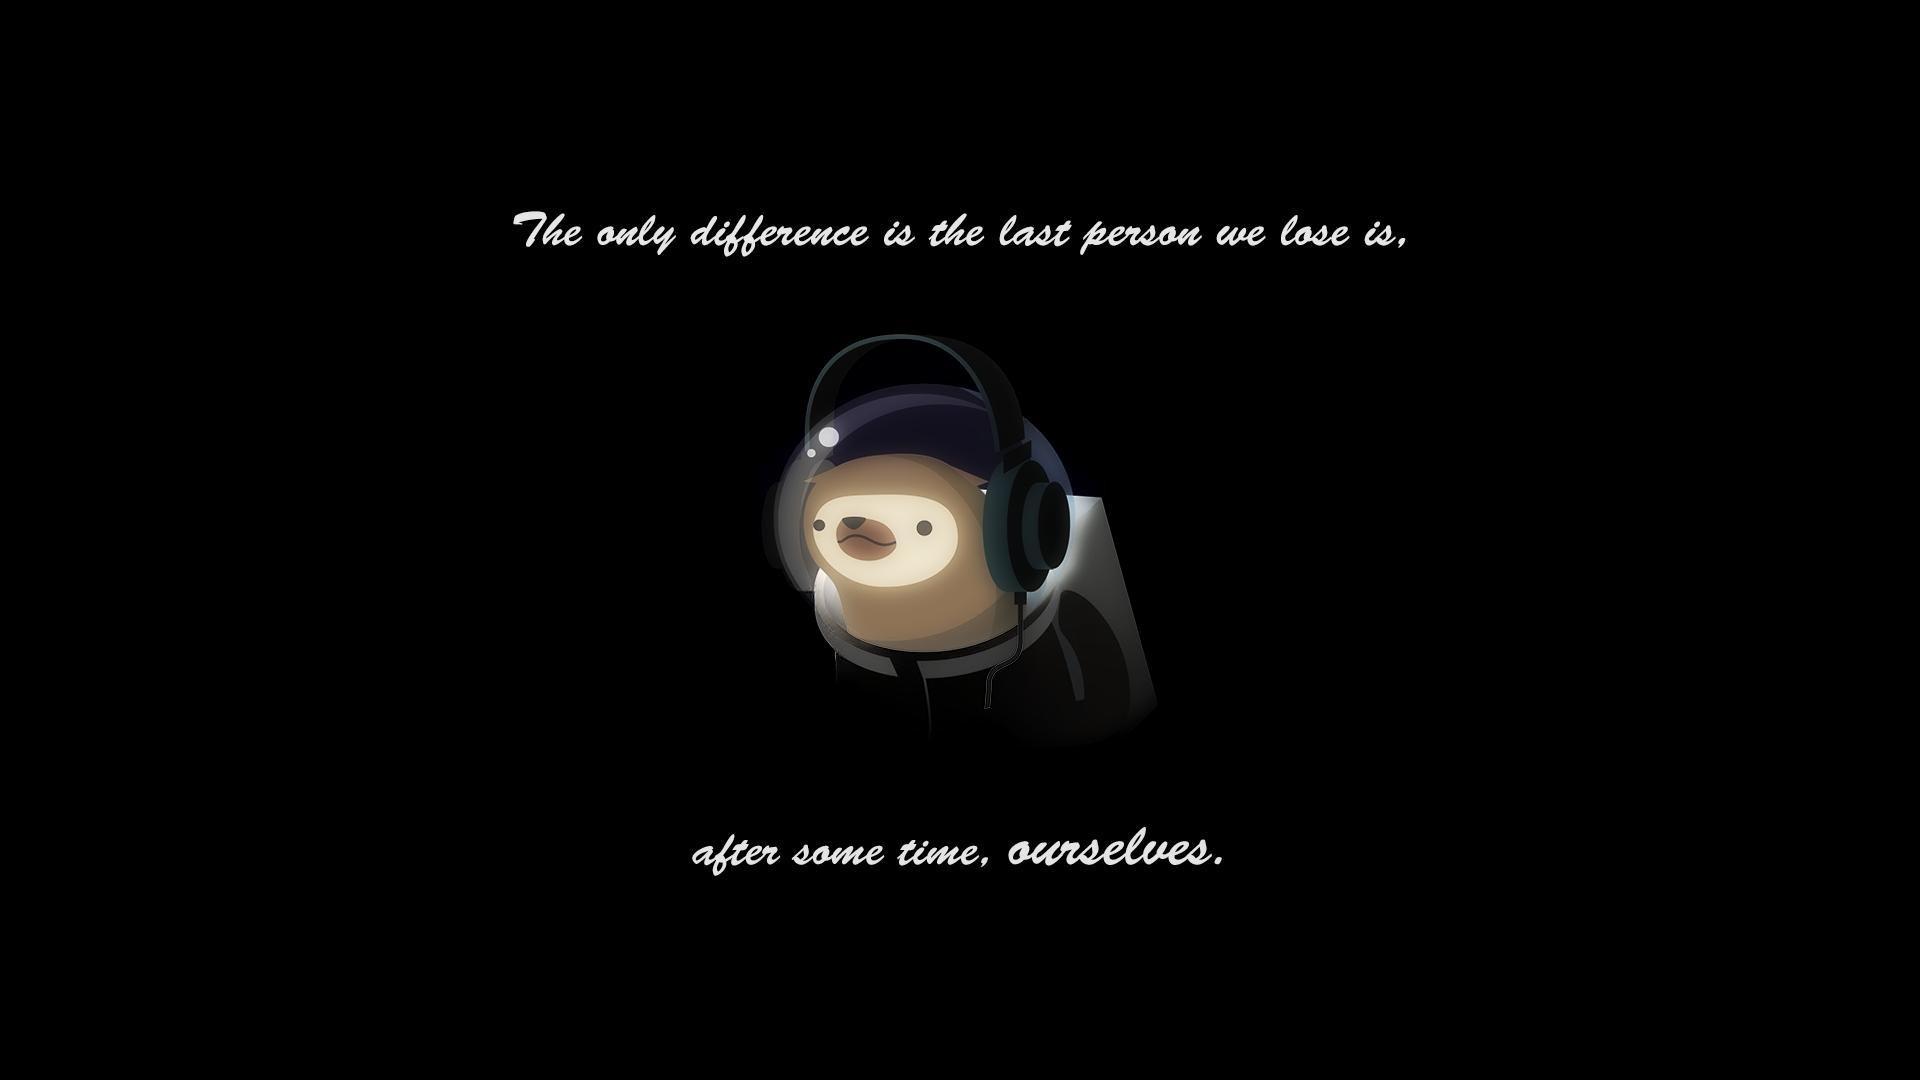 Sloth-Desktop-Backgrounds